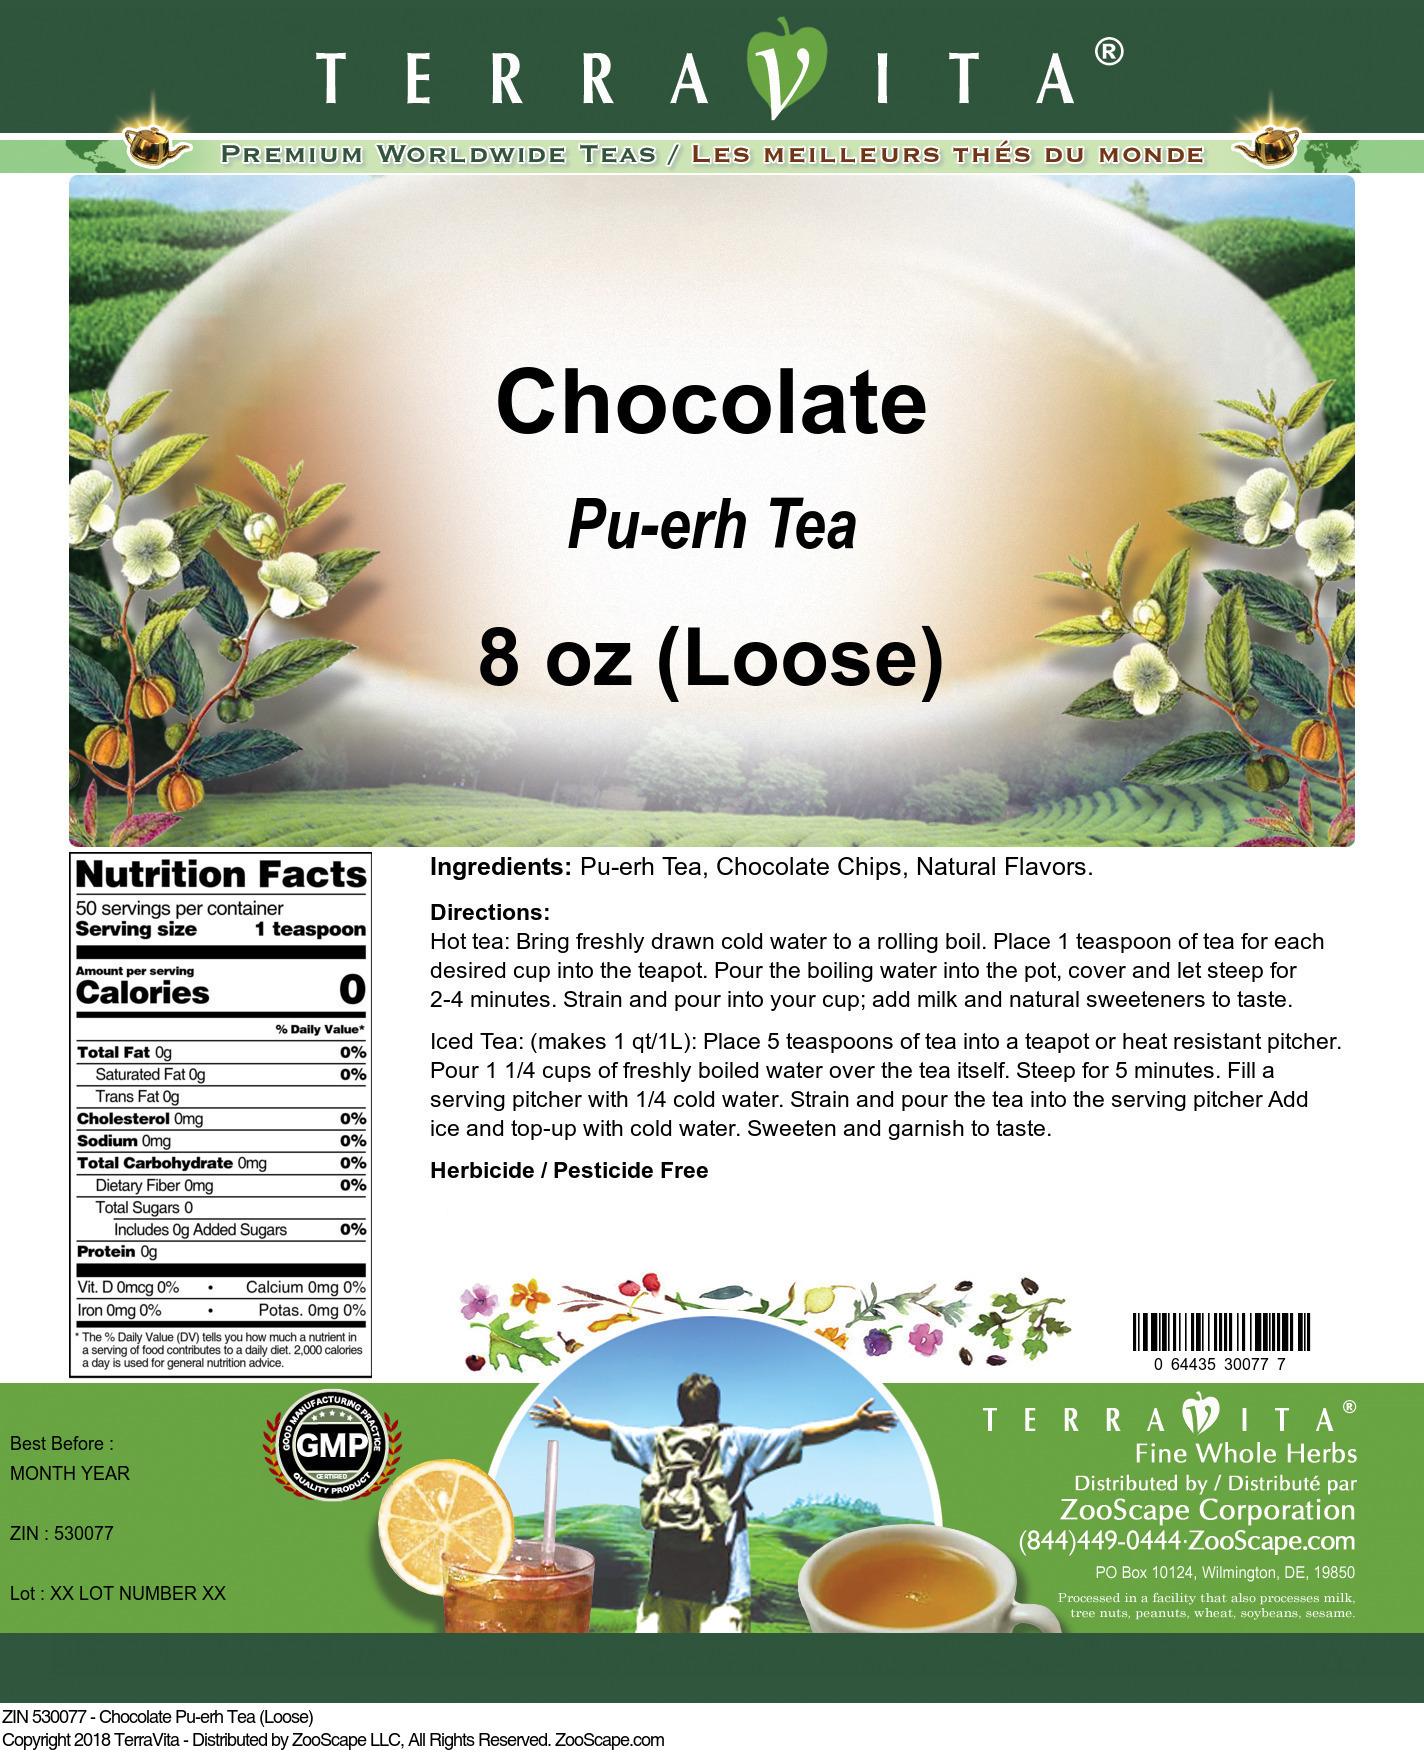 Chocolate Pu-erh Tea (Loose)